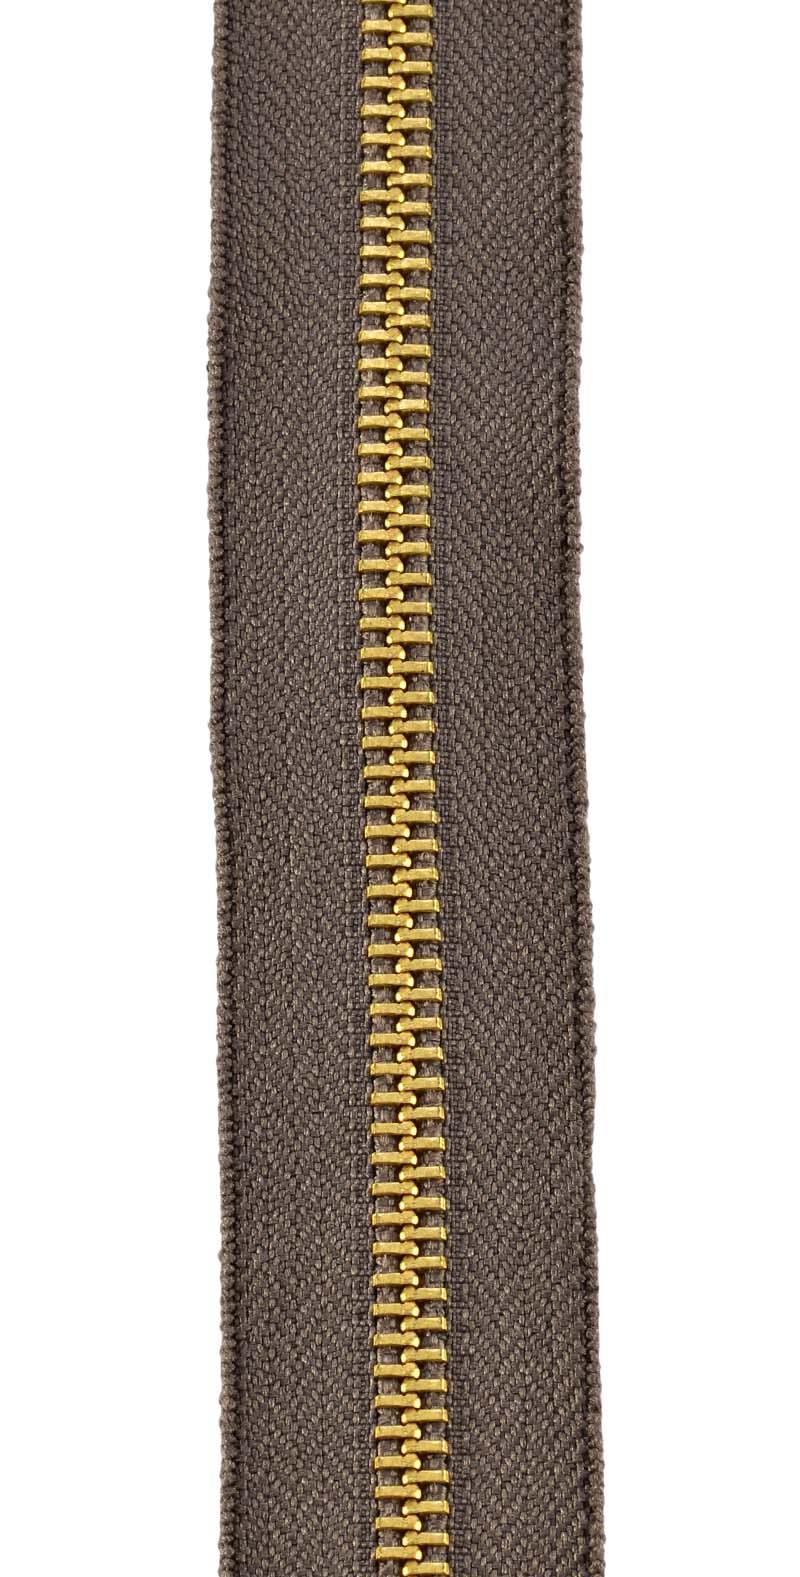 Teeth Color Of Metal Zipper | SBS Zipper.Metal zippers ...